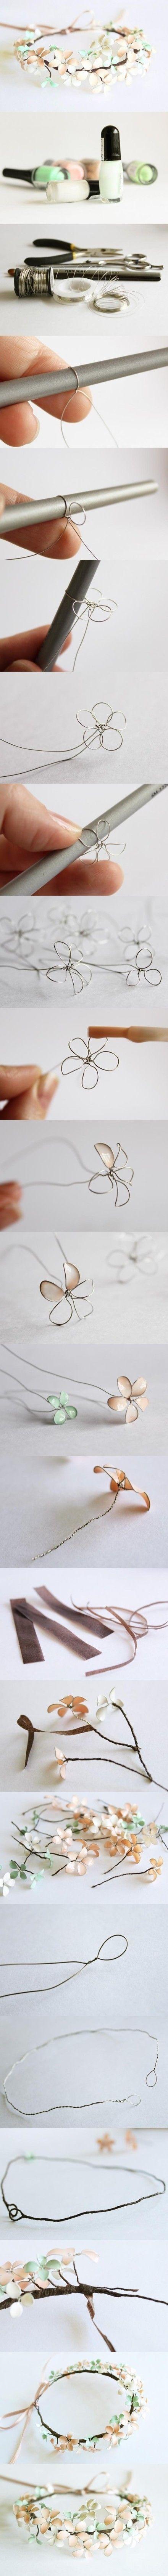 Fleurs en vernis pour faire toutes sortes de bijoux ou autres accessoires